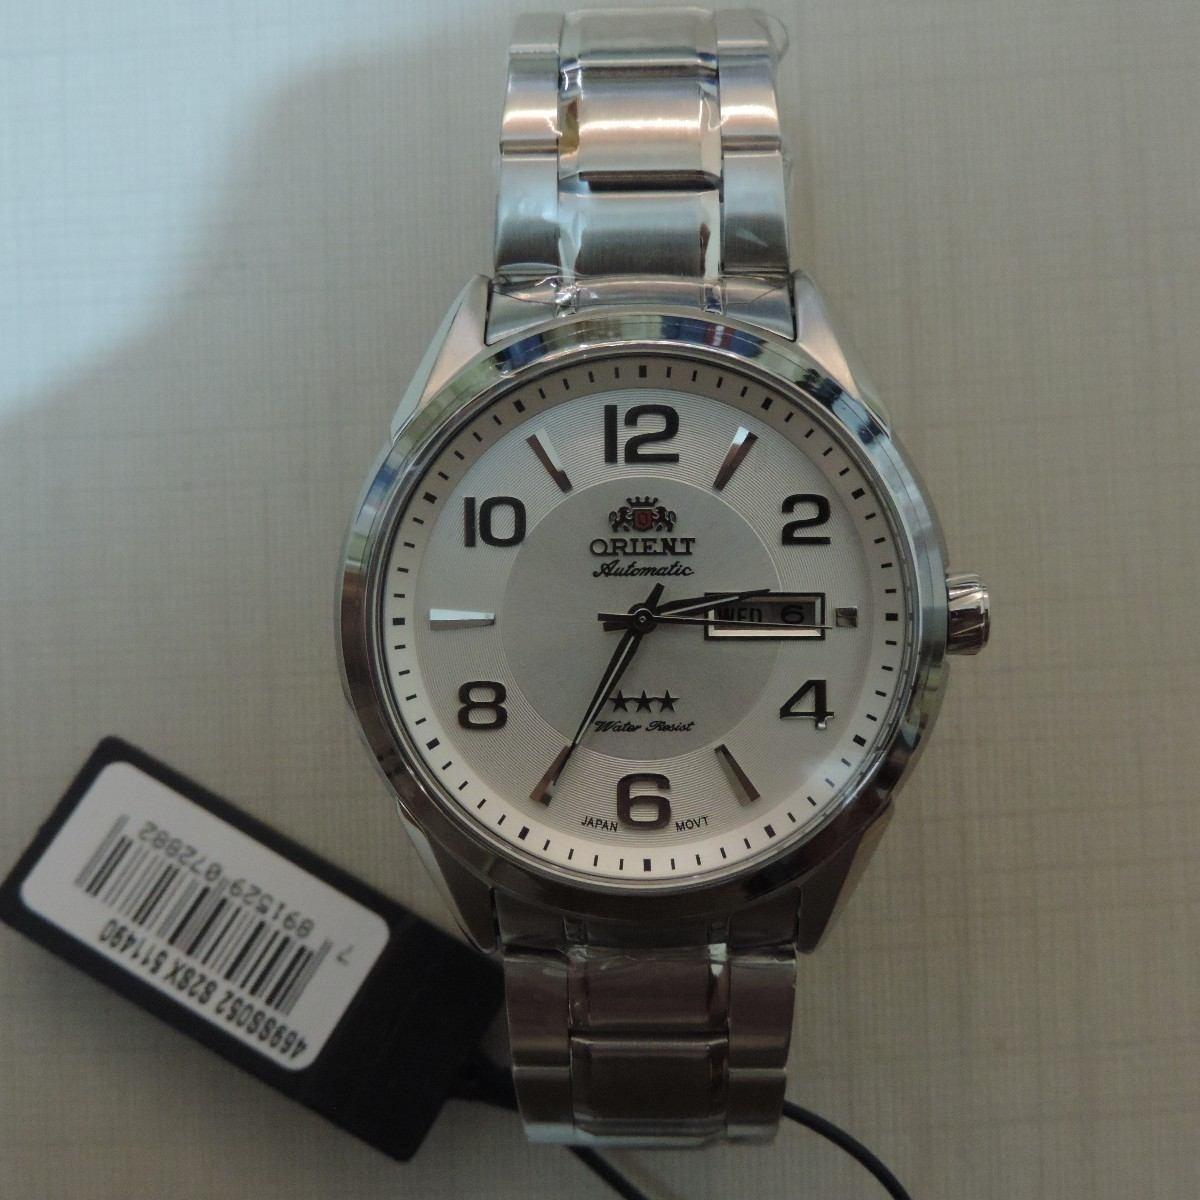 4b67ce3e7cf relógio orient automático 469ss052 masculino visor prata. Carregando zoom.